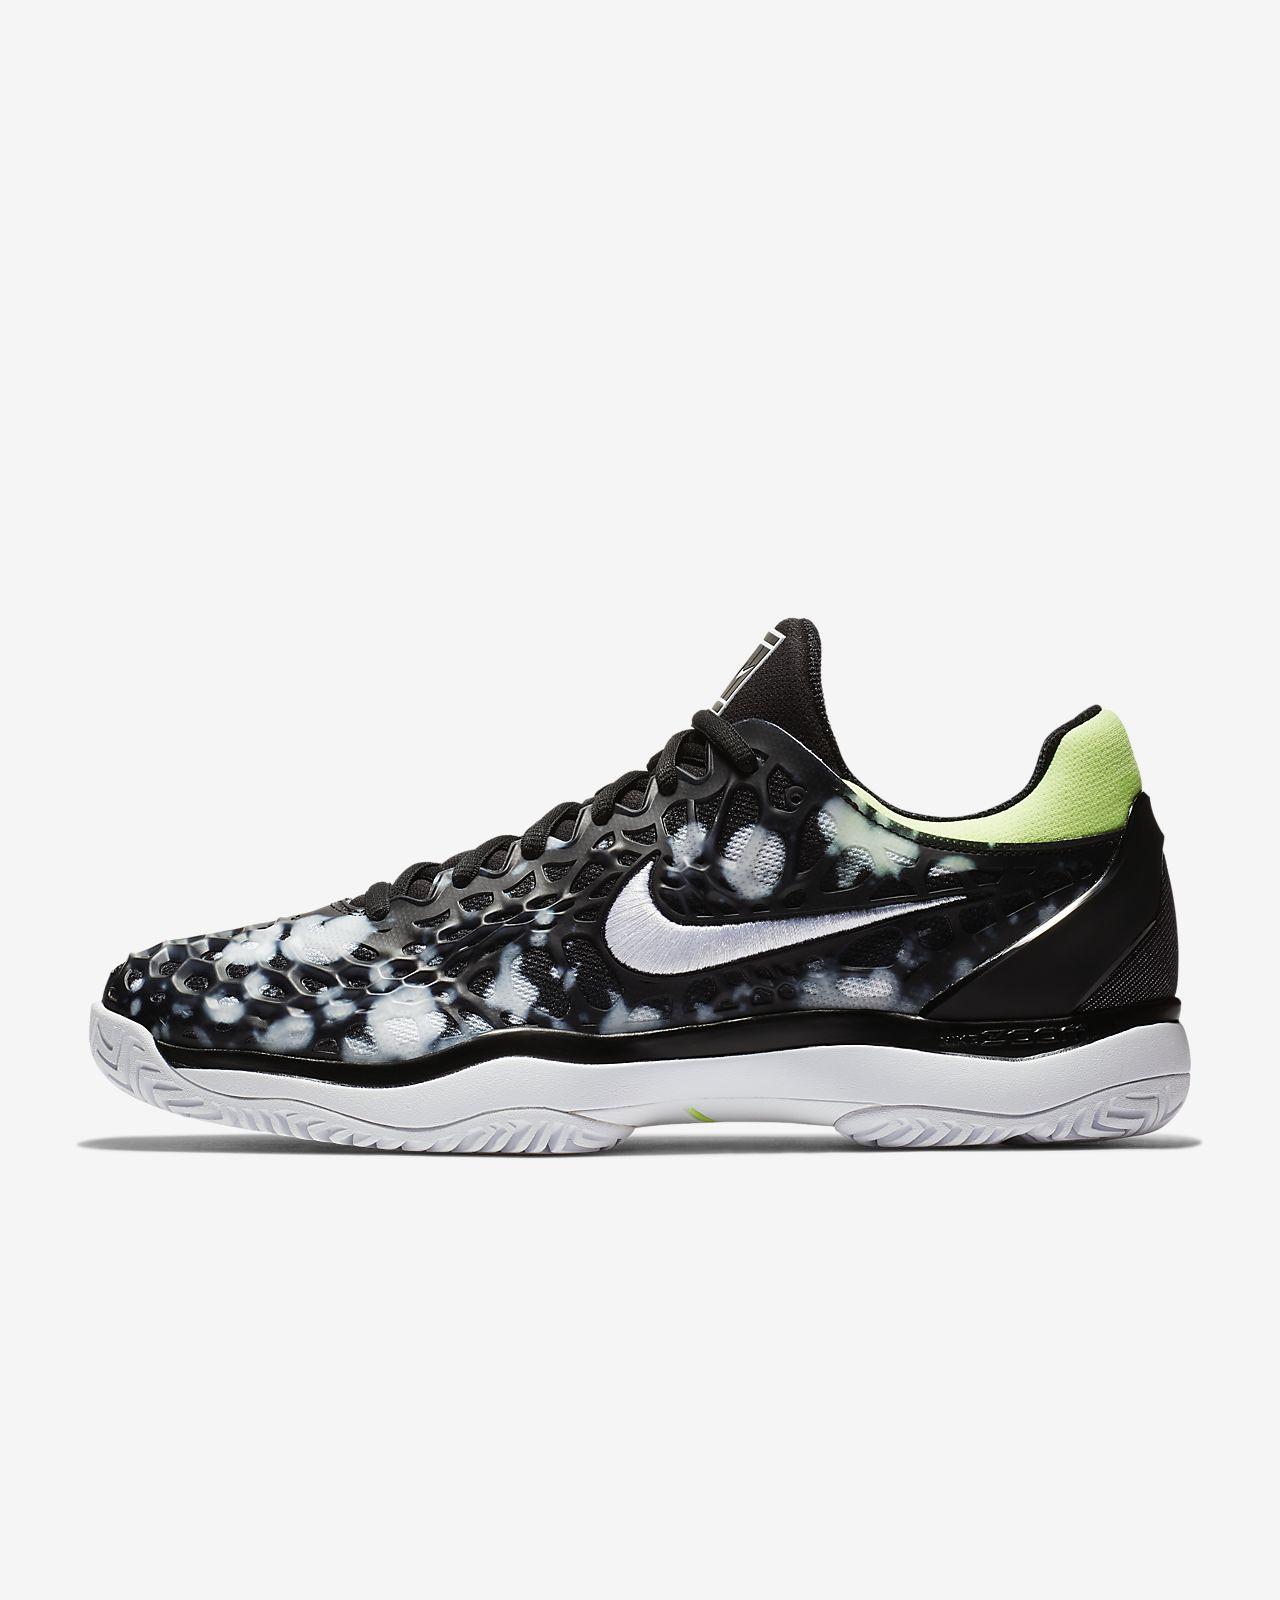 quality design 7c0ad c360d ... Chaussure de tennis Nike Air Zoom Cage 3 Hard Court pour Homme